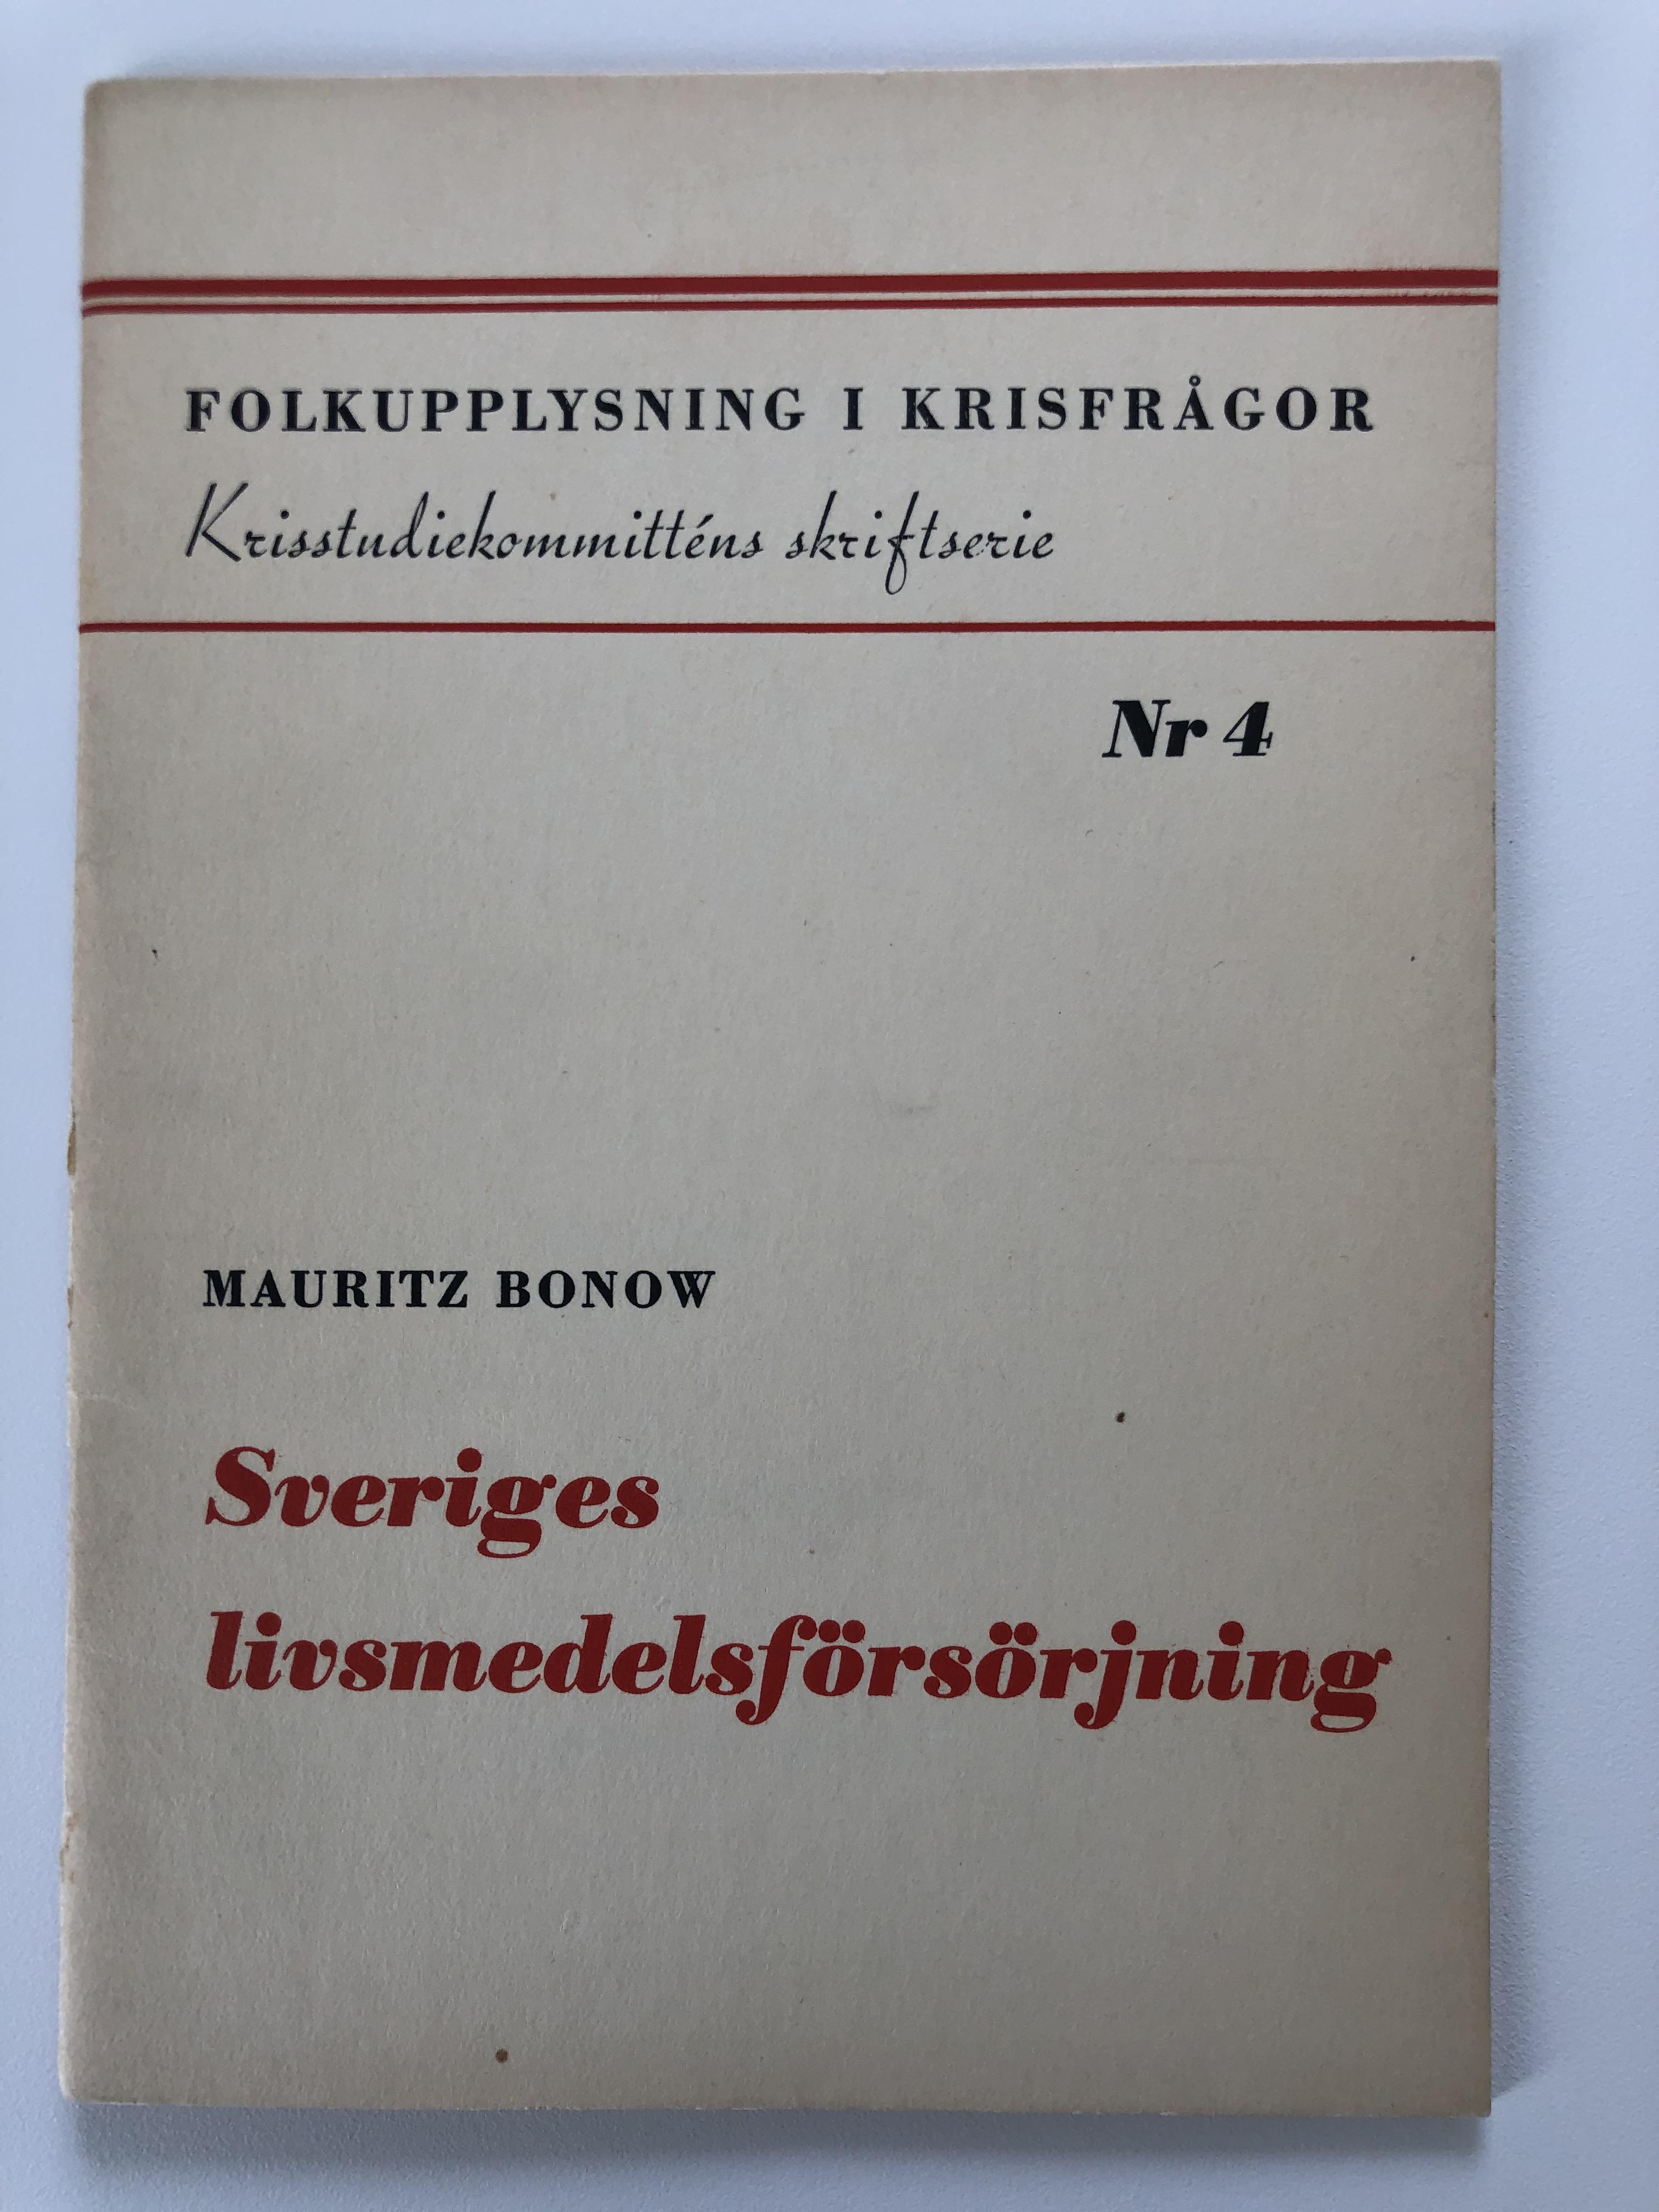 Ransoneringslitteratur (6)